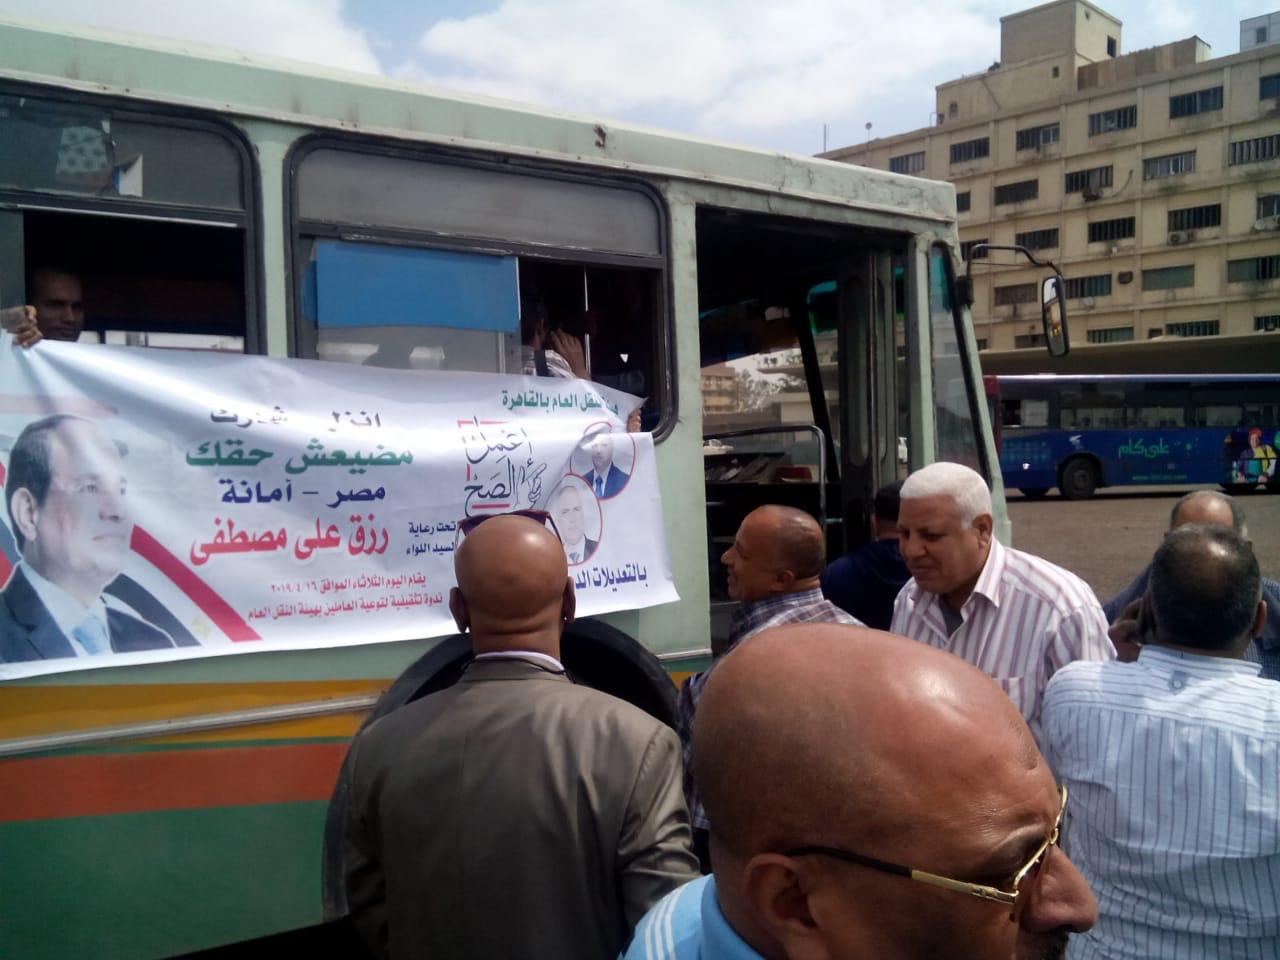 عمال هيئة النقل العام بالقاهرة يشاركون فى استفتاء الدستور (7)